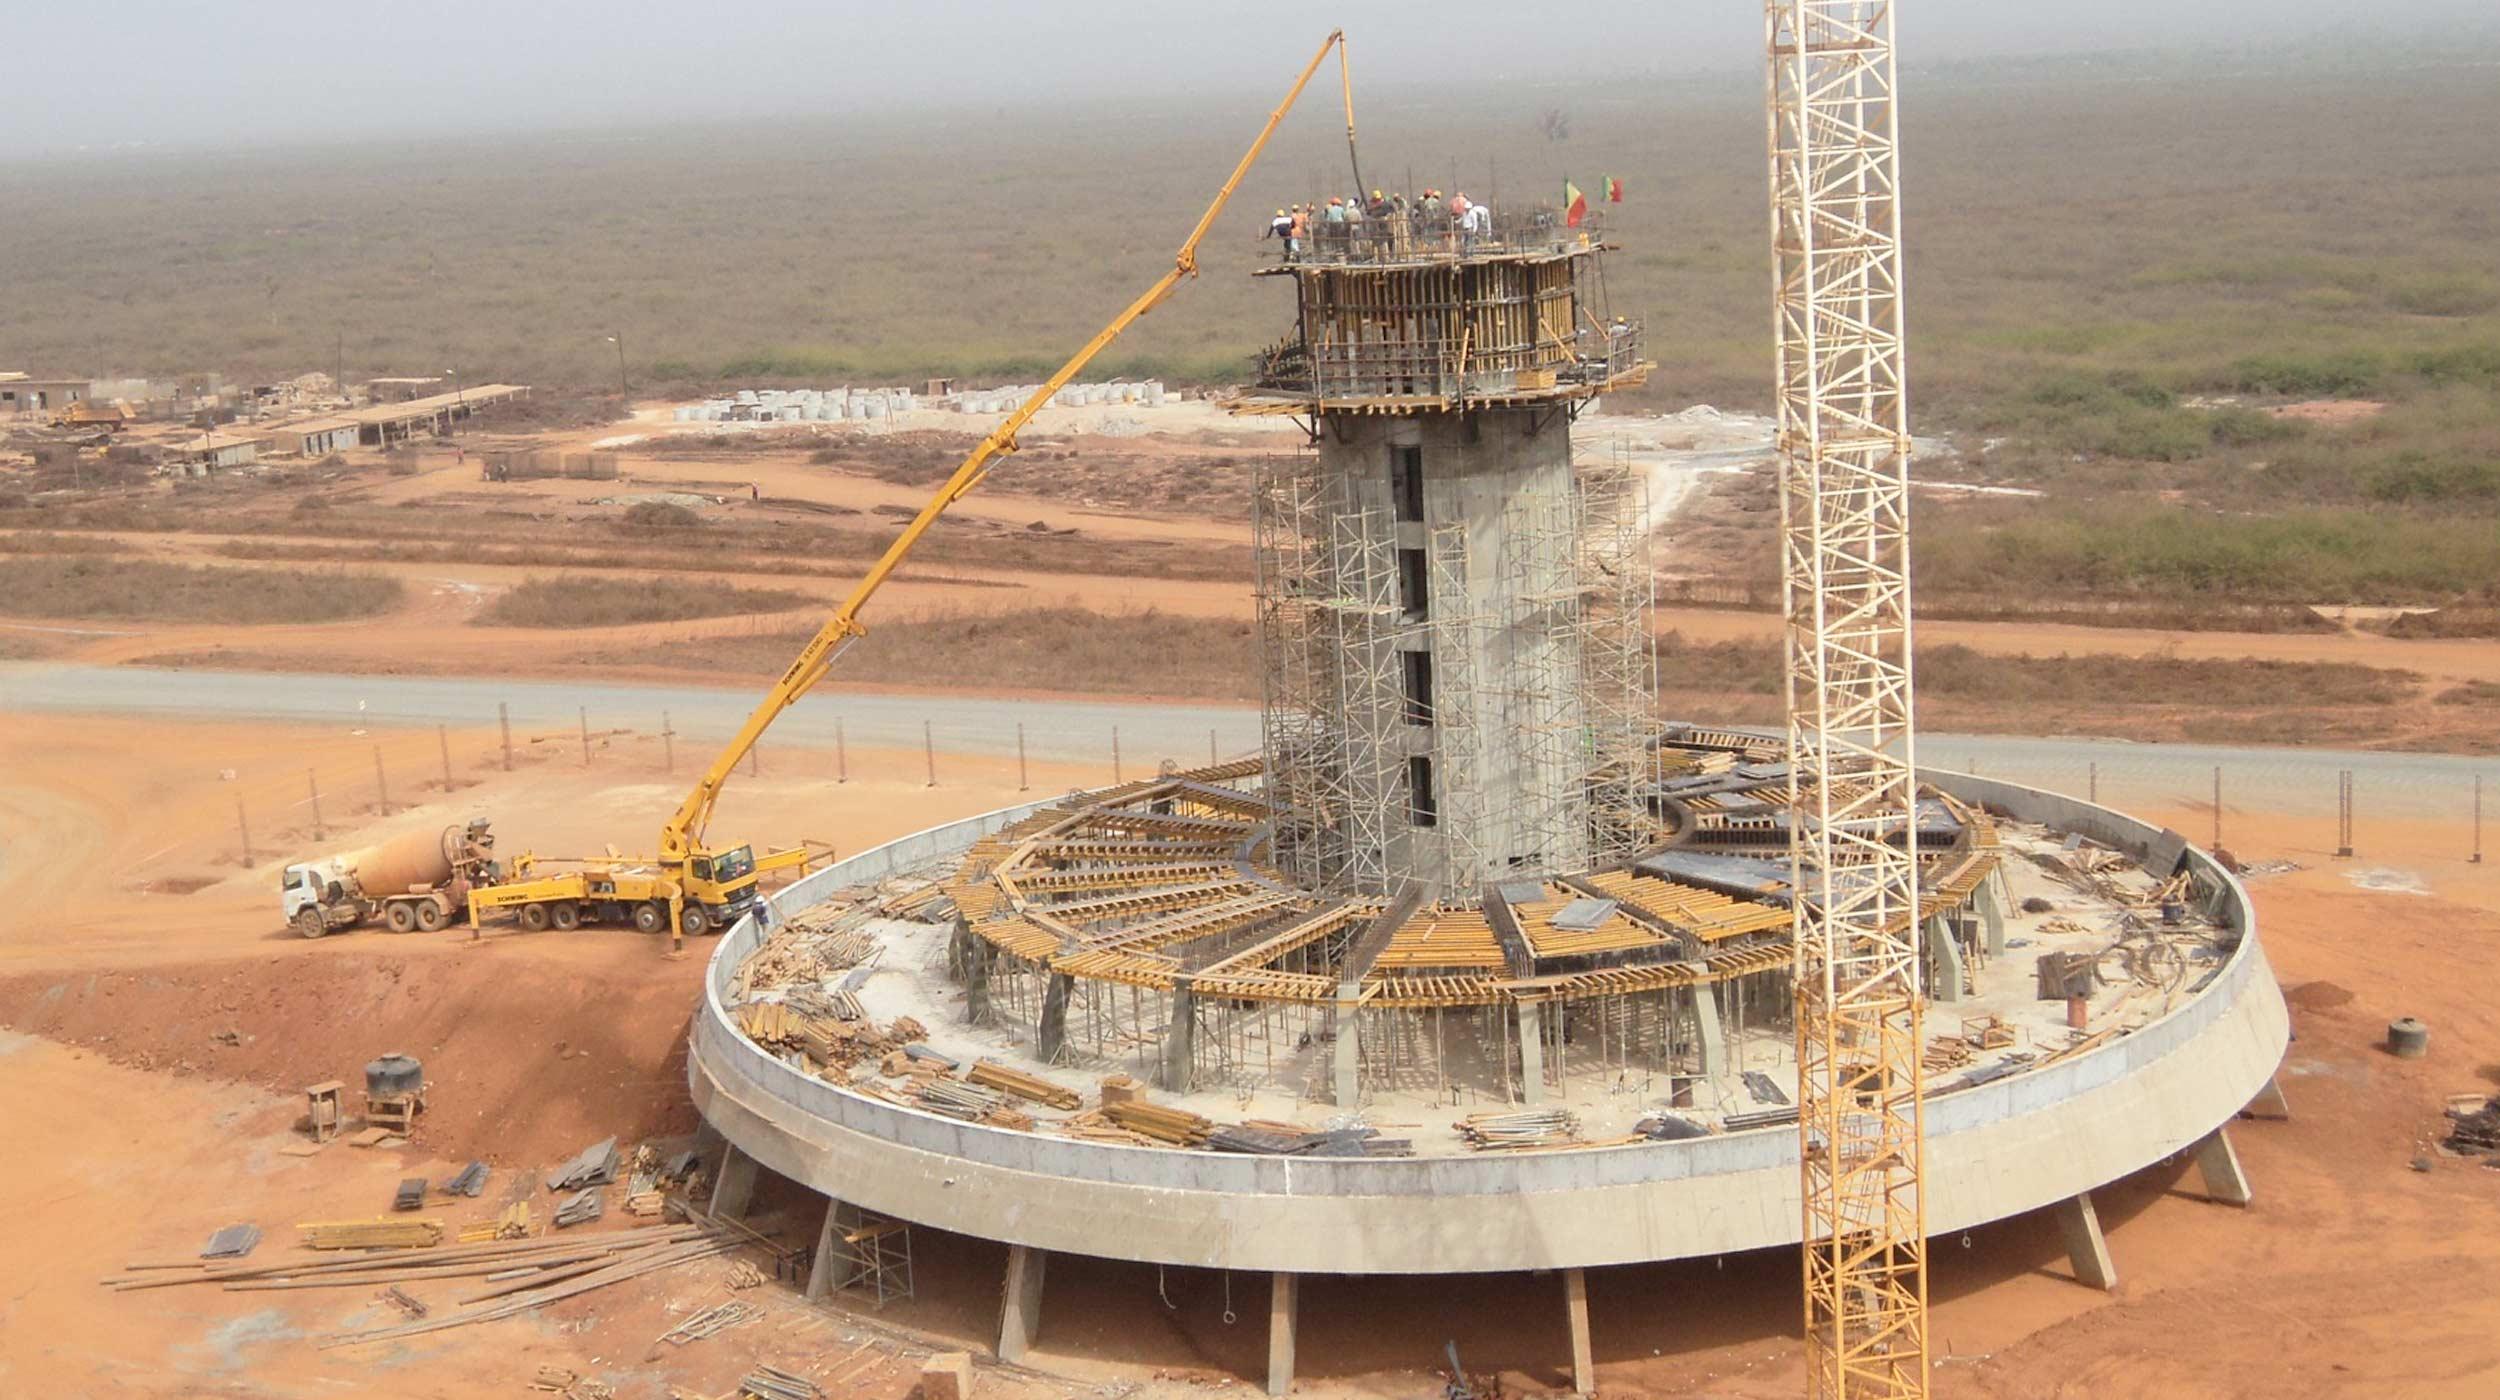 También presente en esta parte del mundo, ULMA acometió la construcción de la torre de control del Aeropuerto Internacional de Dakar, de 49.74 m de altura.